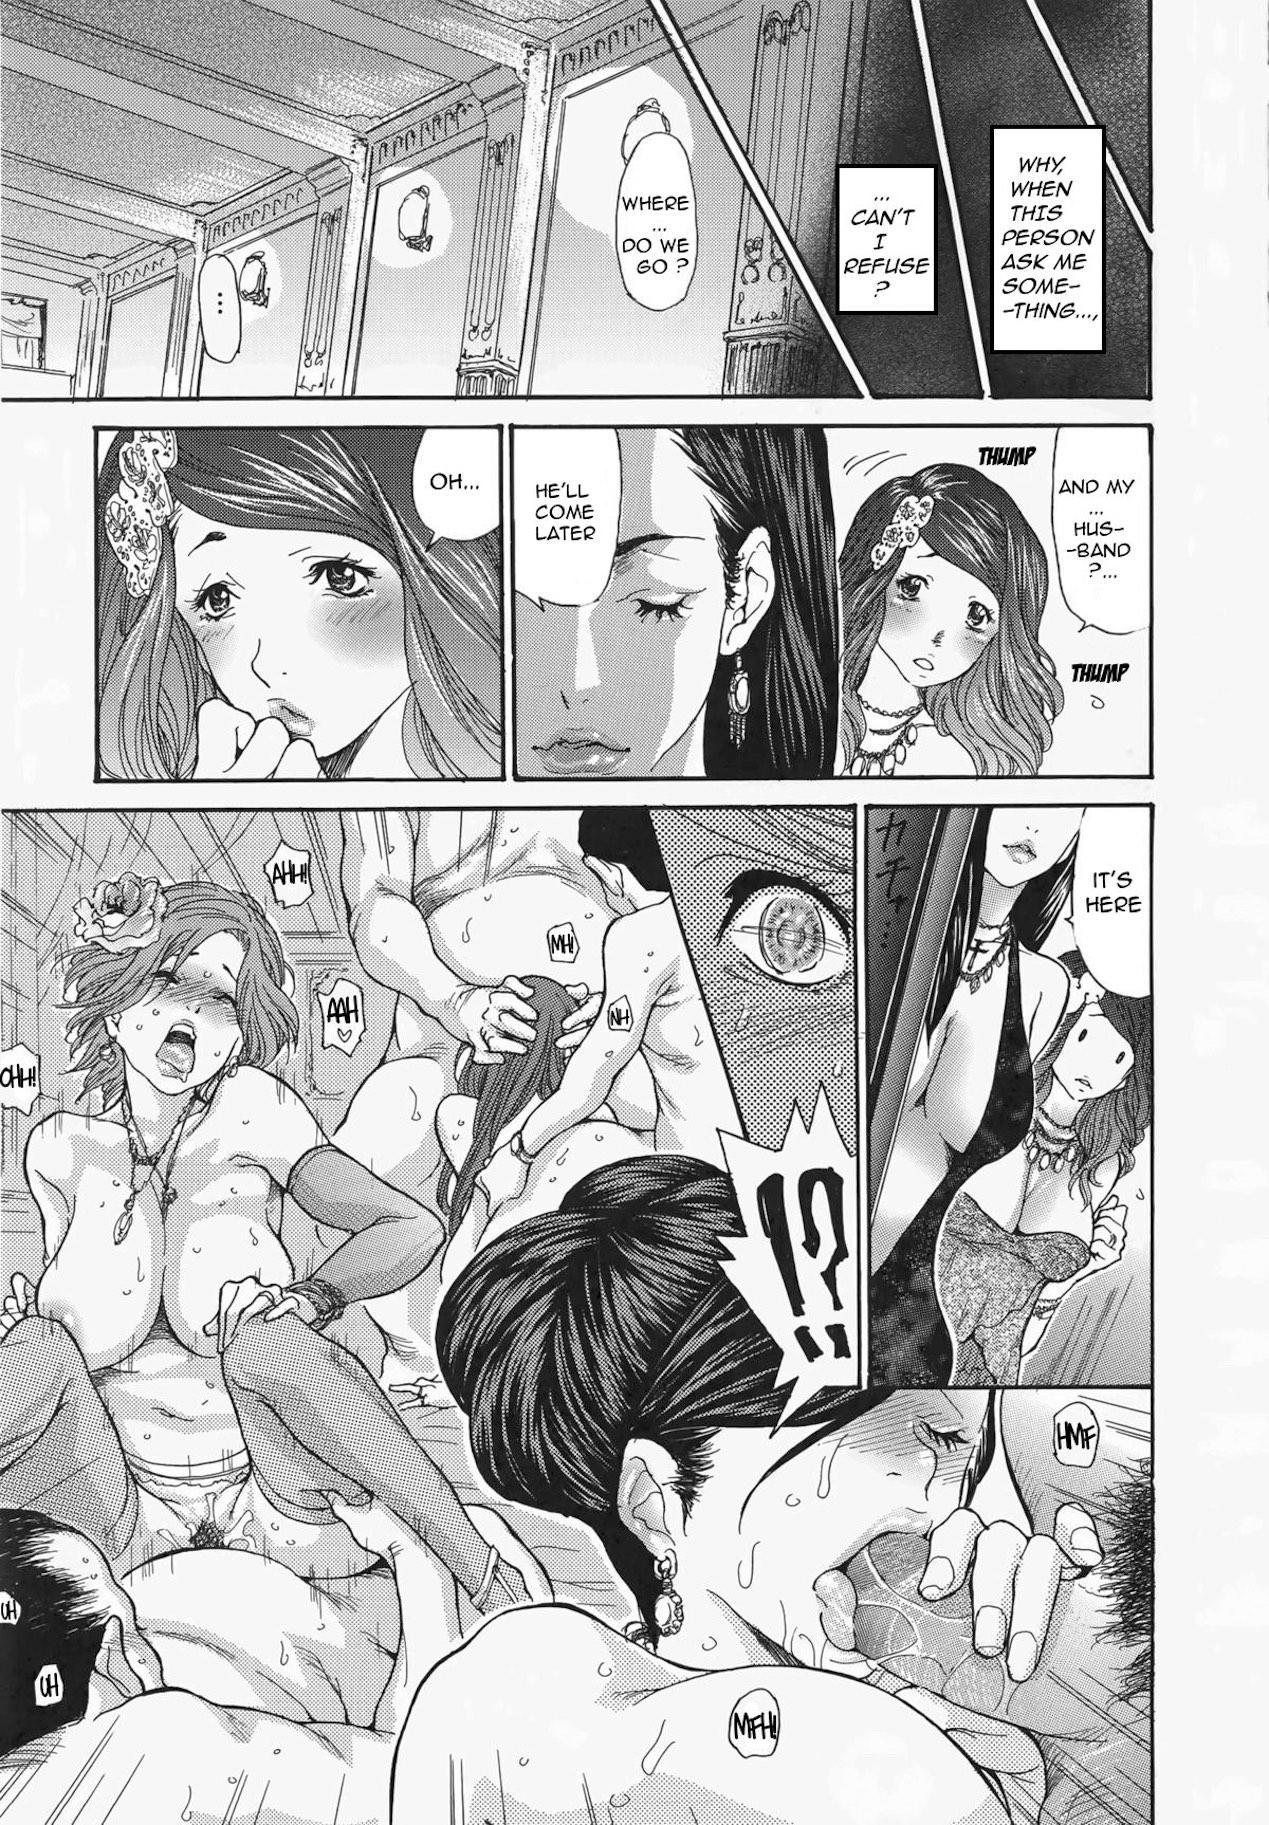 [Aoi Hitori, Izayoi Seishin, Yamasaki Masato] Metamorphose ~Celeb Zuma no Seien~ Ch. 1-8 [English][Decensored] [R-IC] 12